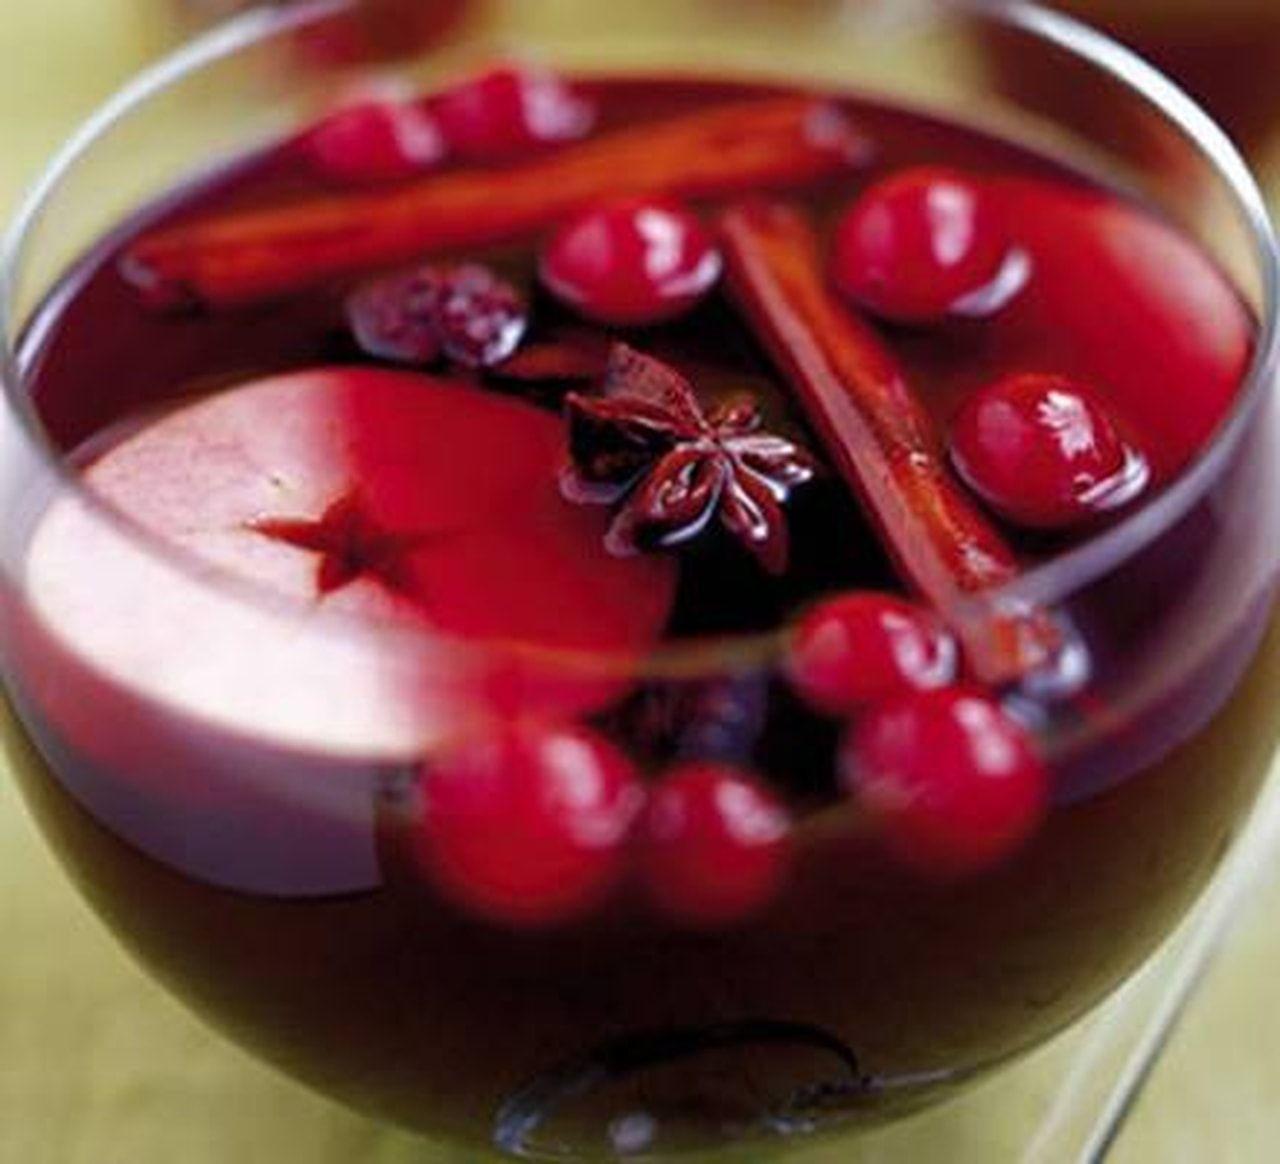 مقادير بسيطه لعمل كوكتيل التفاح والكرز مع أعواد القرفة مقادير 6 7اشخاص 1 ليتر عصير تفاح Mulled Wine Recipe Wine Recipes Bbc Good Food Recipes